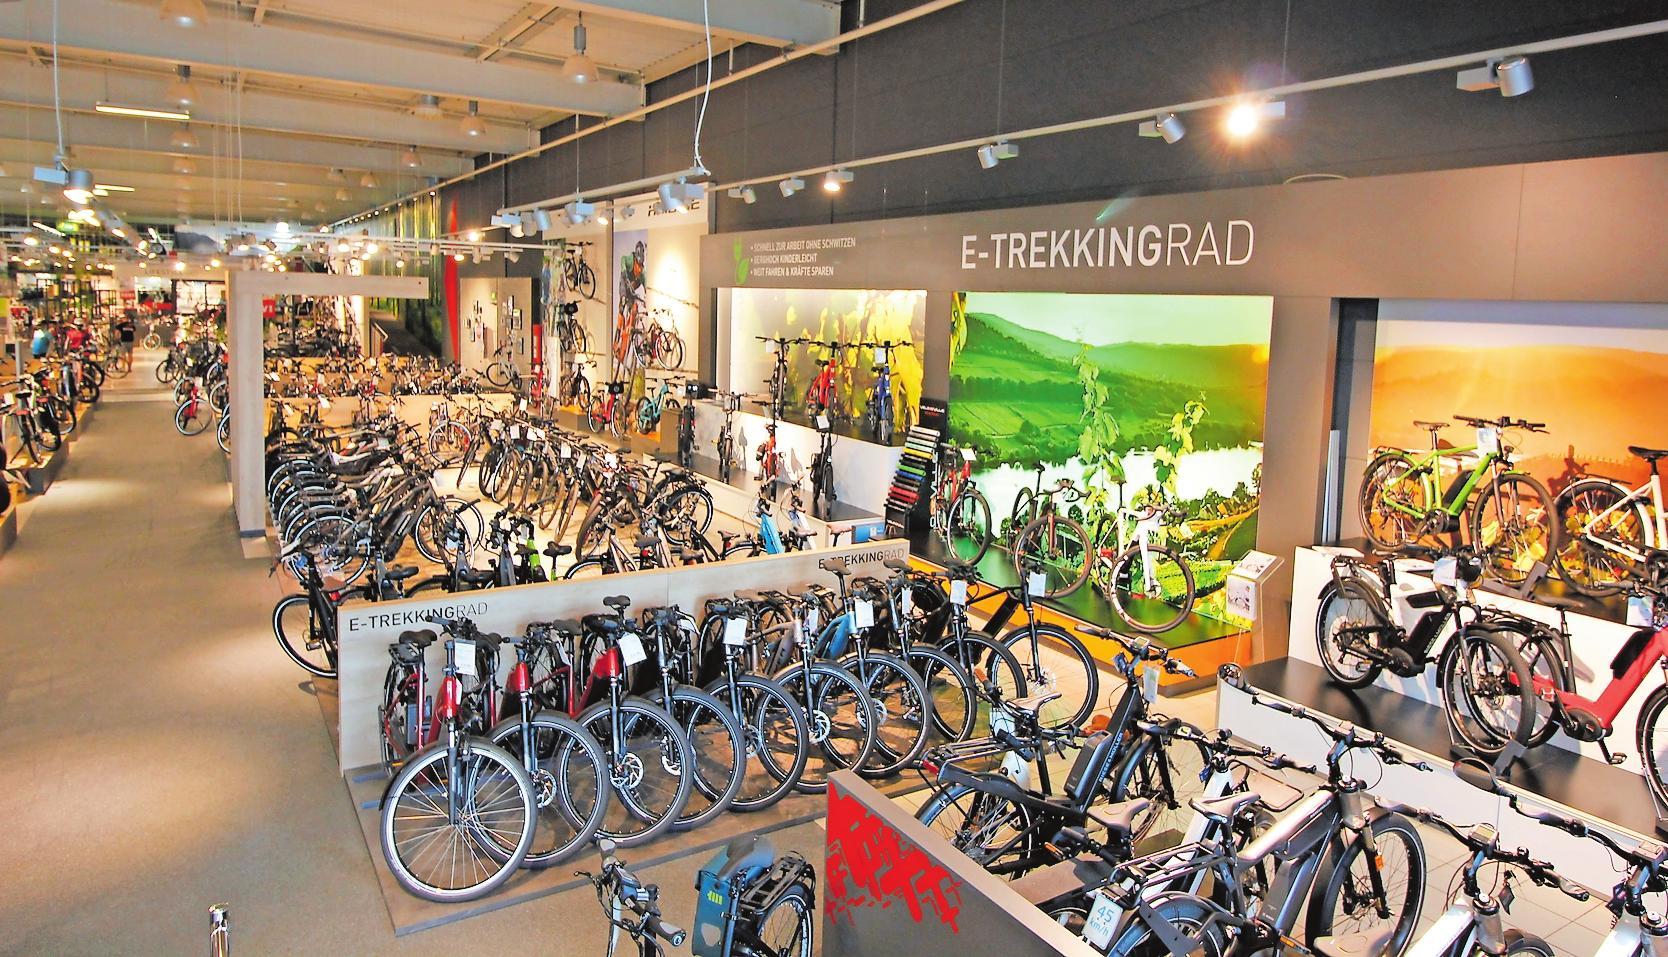 Die größte E-Bike-Markenauswahl in Rheinland-Pfalz stellt die Fahrrad Welt Kalker in Ludwigshafen bereit: damit trägt sie dem gesteigerten Bedarf an solchen Rädern Rechnung, die von vielen als umweltfreundlicher Ersatz für das Auto genutzt werden. FOTO: FAHRRAD XXL KALKER/FREI